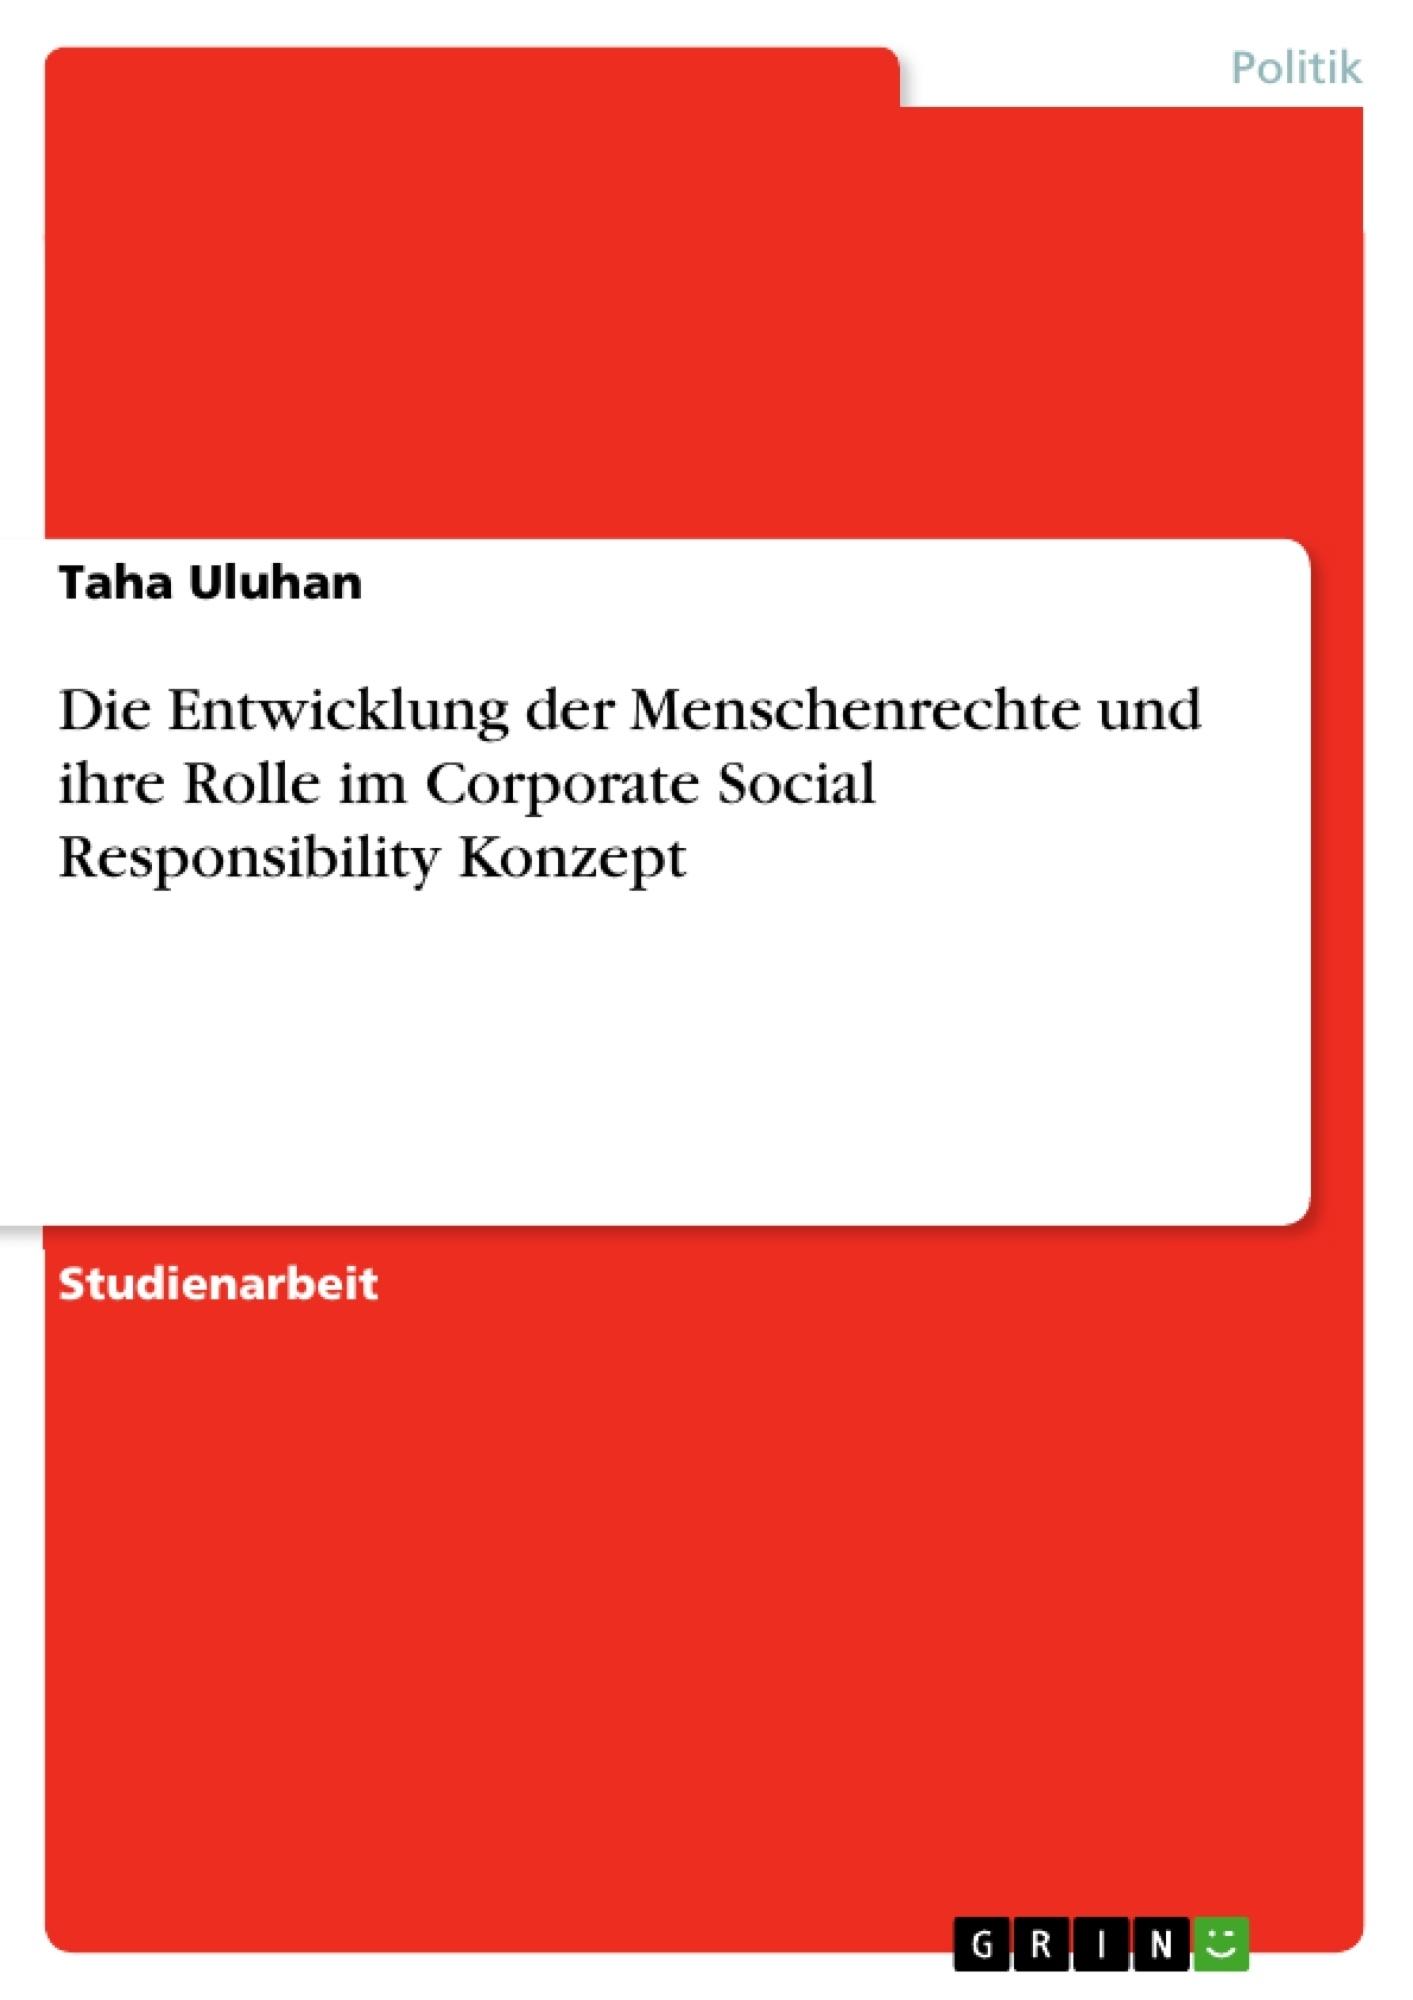 Titel: Die Entwicklung der Menschenrechte und ihre Rolle im Corporate Social Responsibility Konzept